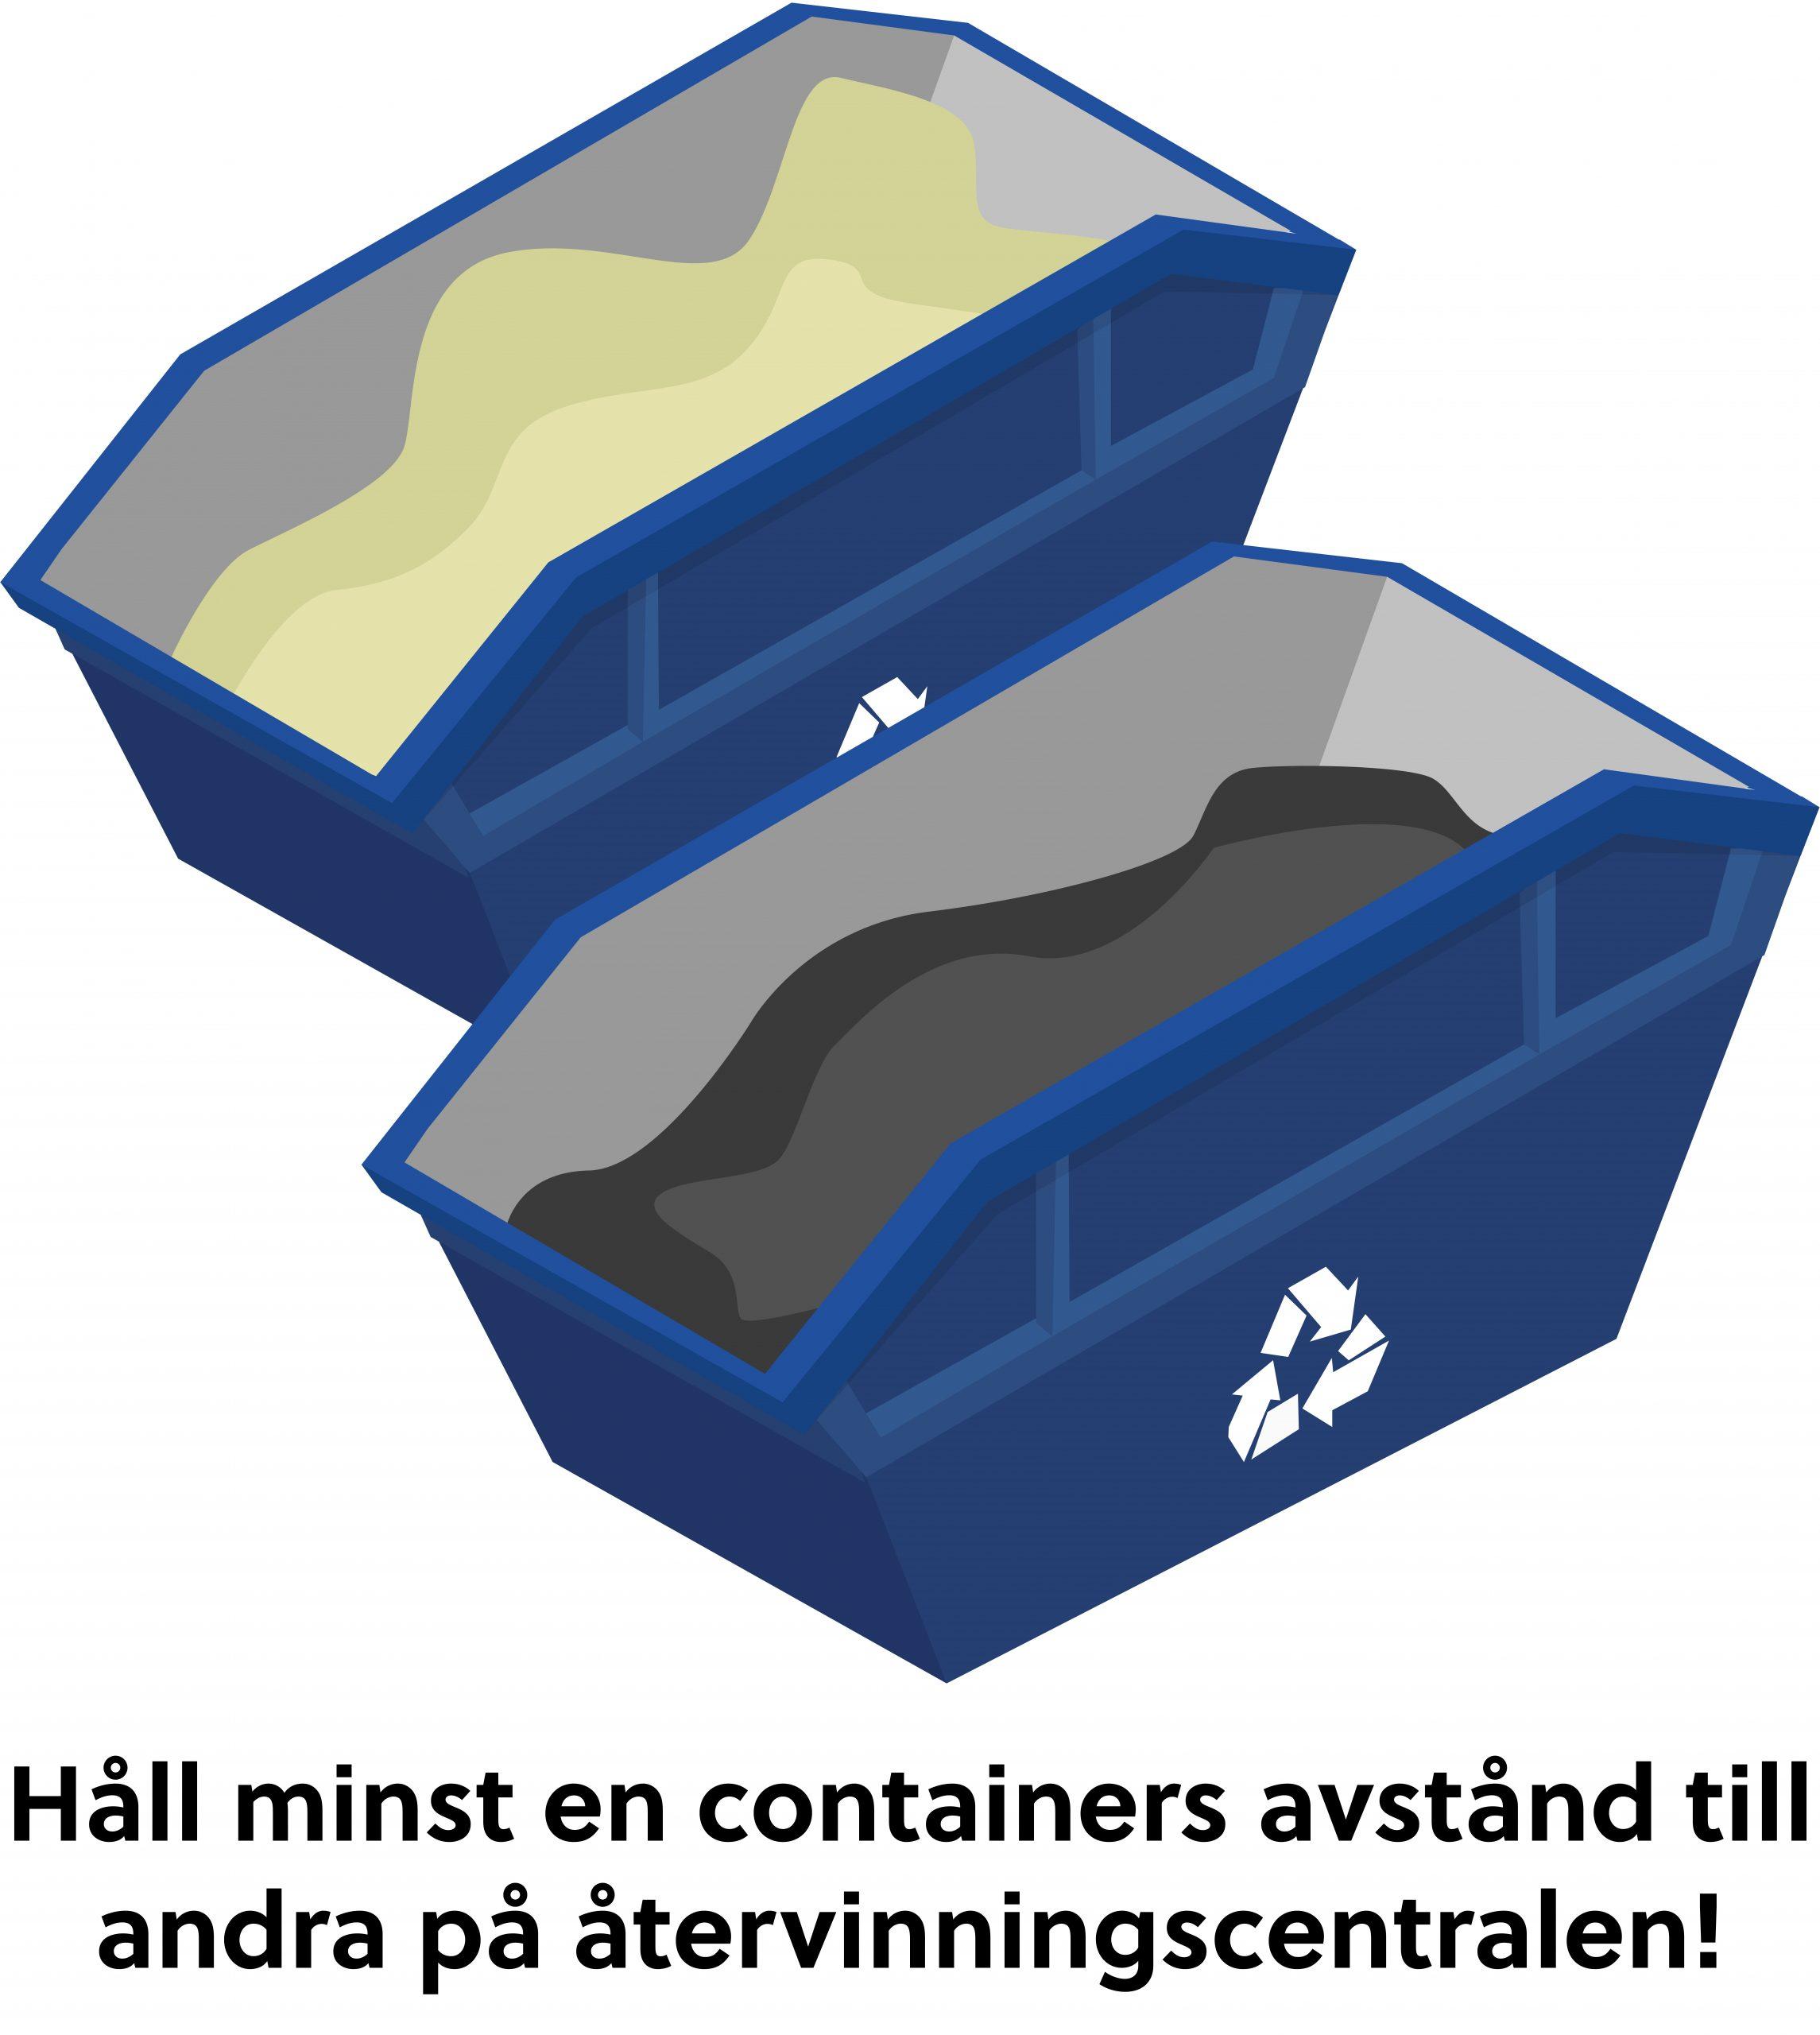 Avfallscontainer. Håll mionst en containers avstånd till andra på återvinningscentralen!